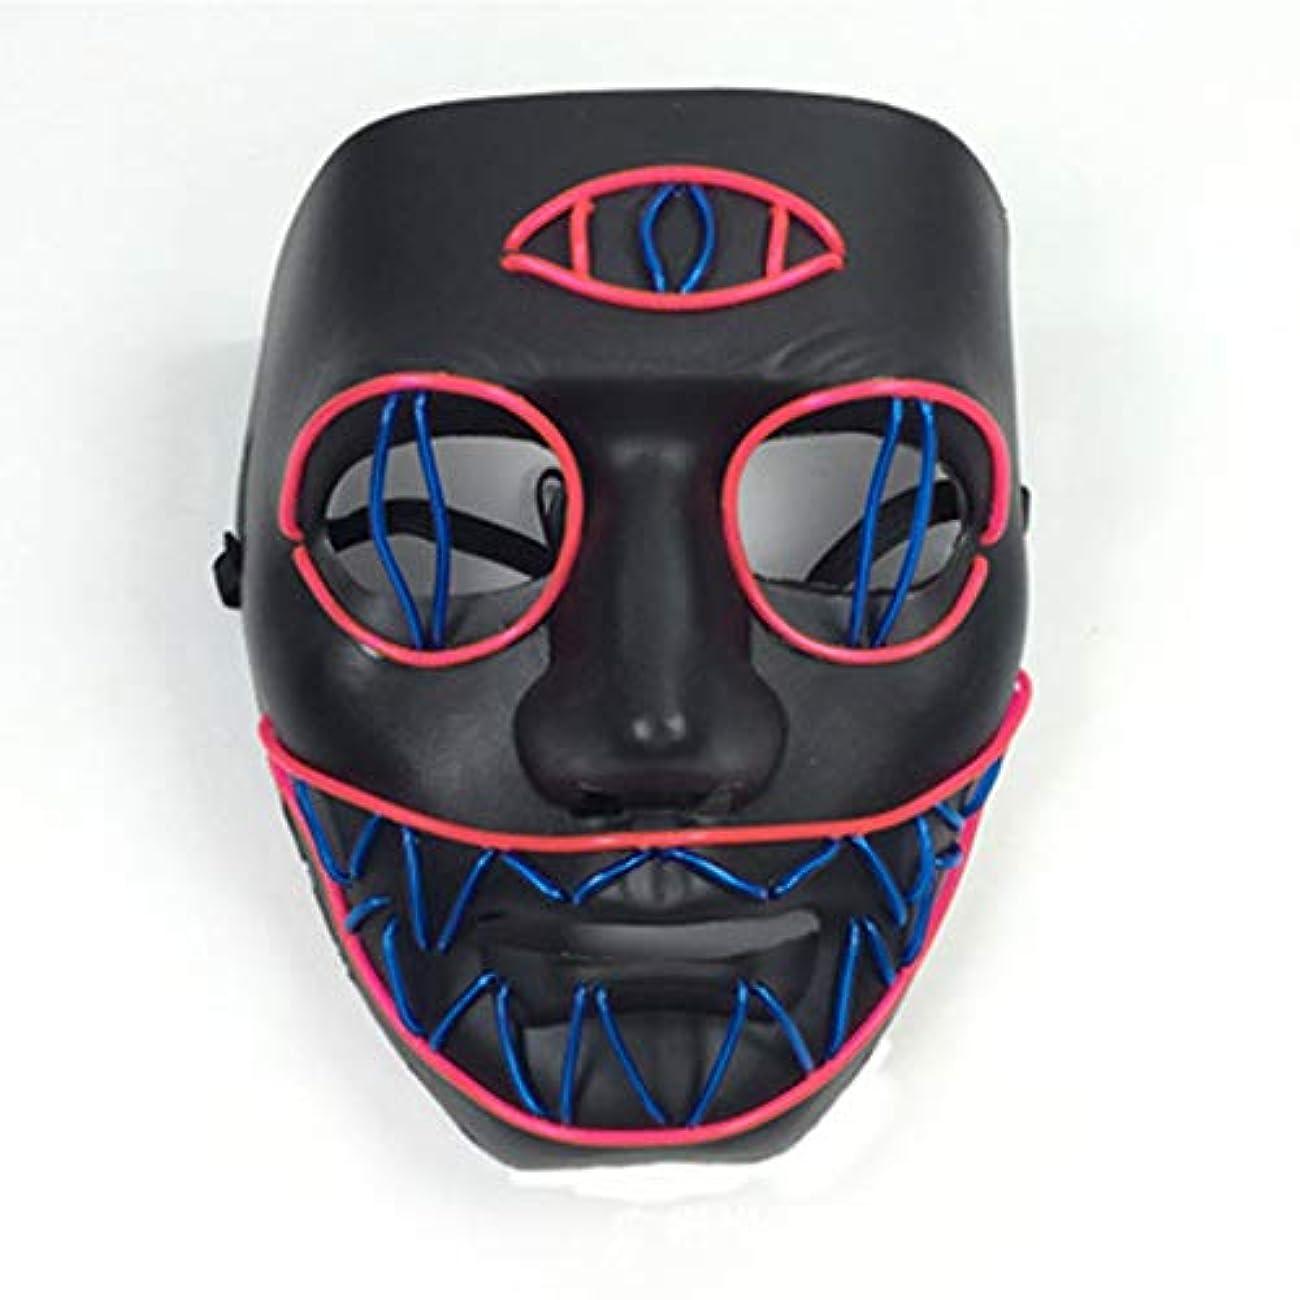 LEDライト怖いマスク、ノベルティハロウィーンコスチュームパーティー不気味な小道具、安全なELワイヤーPVC DJマスクLED